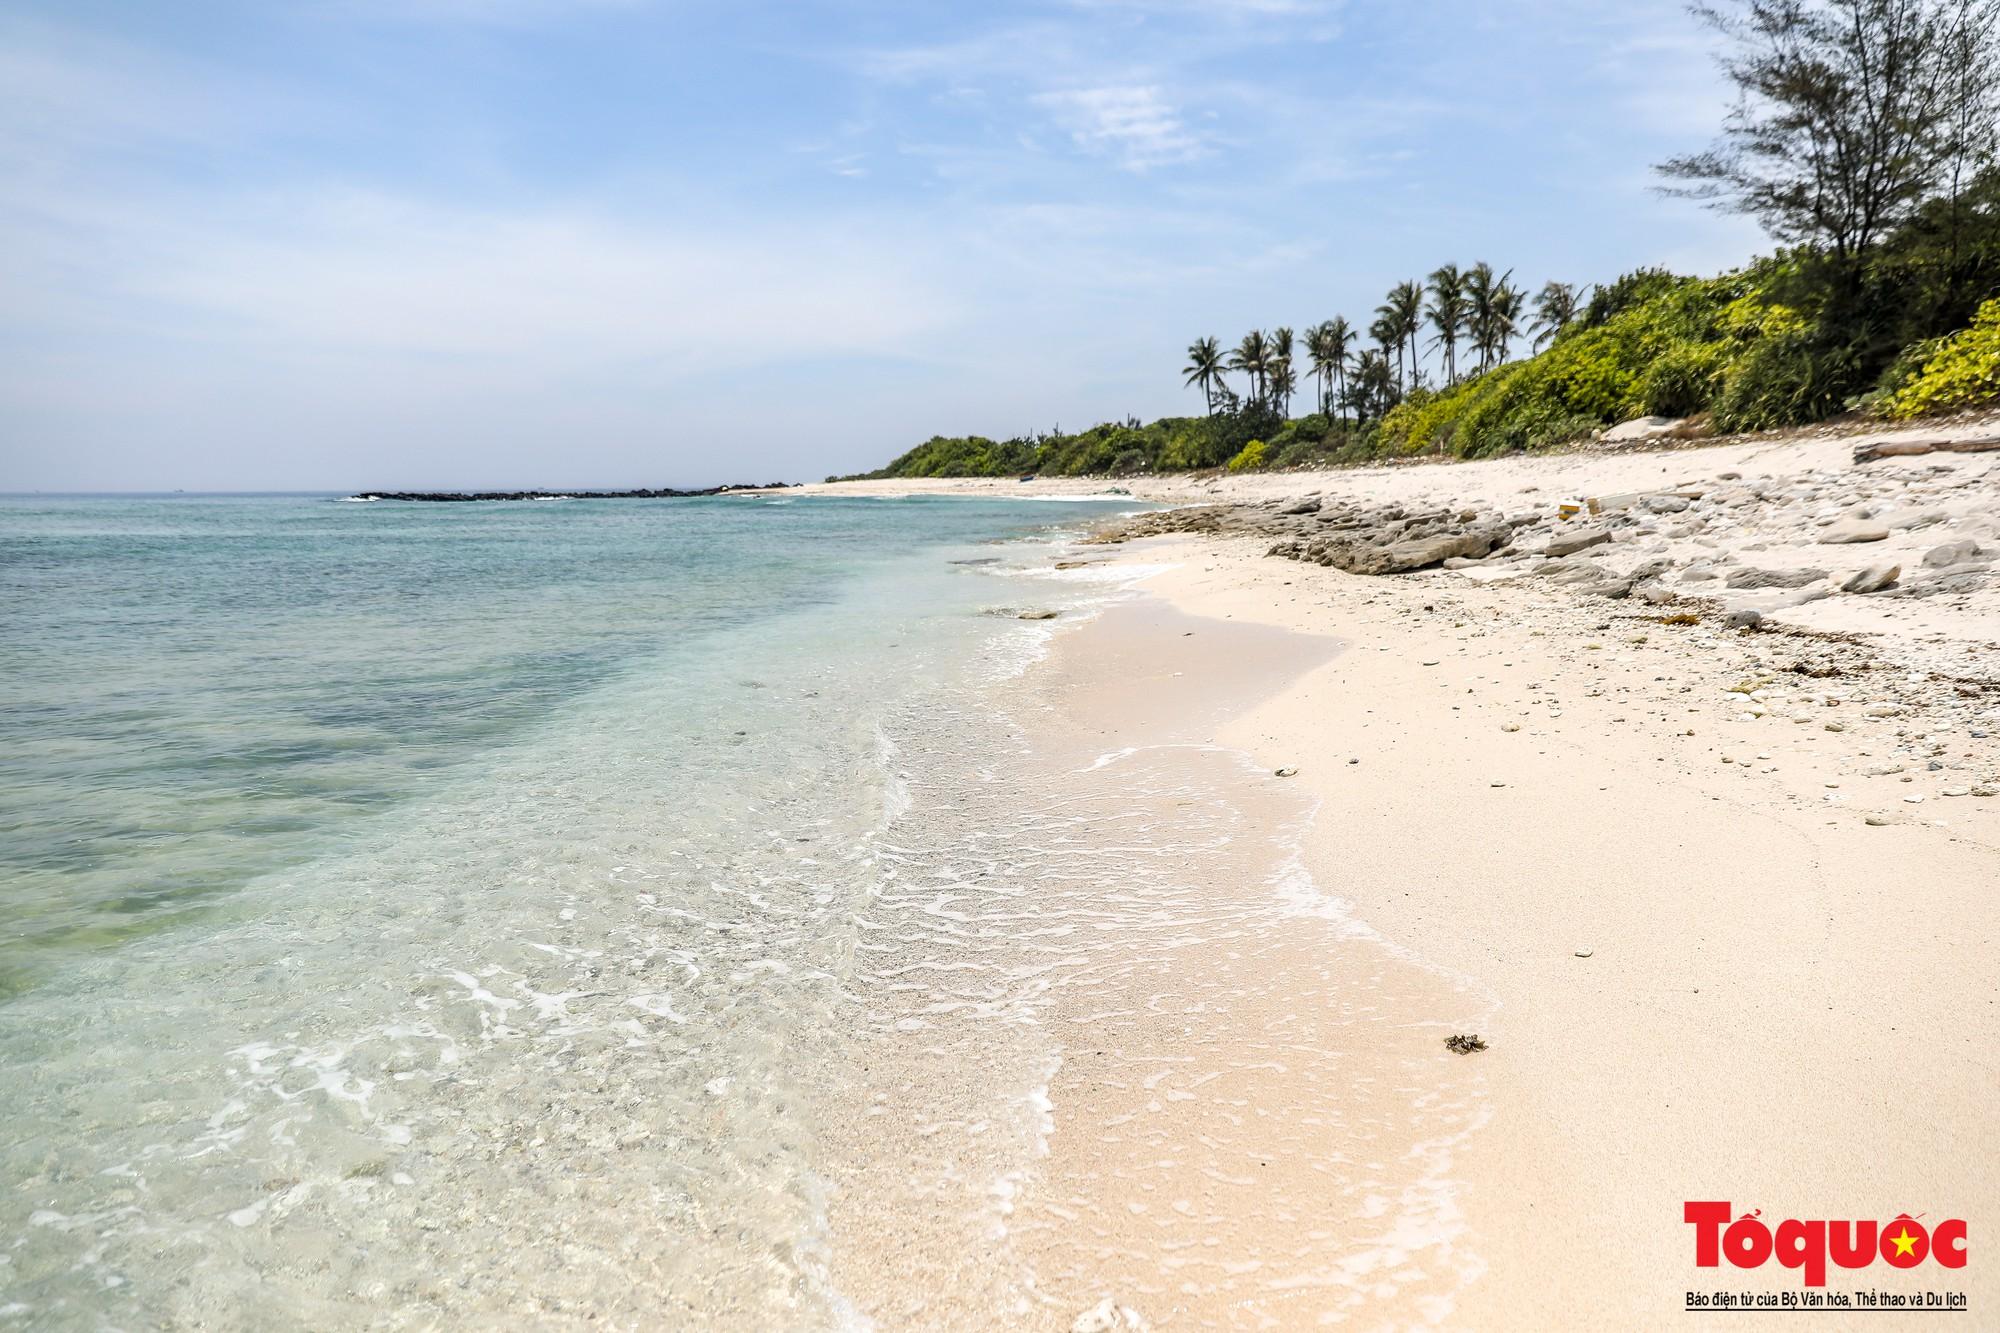 Ngỡ ngàng trước vẻ đẹp hoang sơ như thiên đường nhỏ của Đảo Bé, Lý Sơn - Ảnh 5.